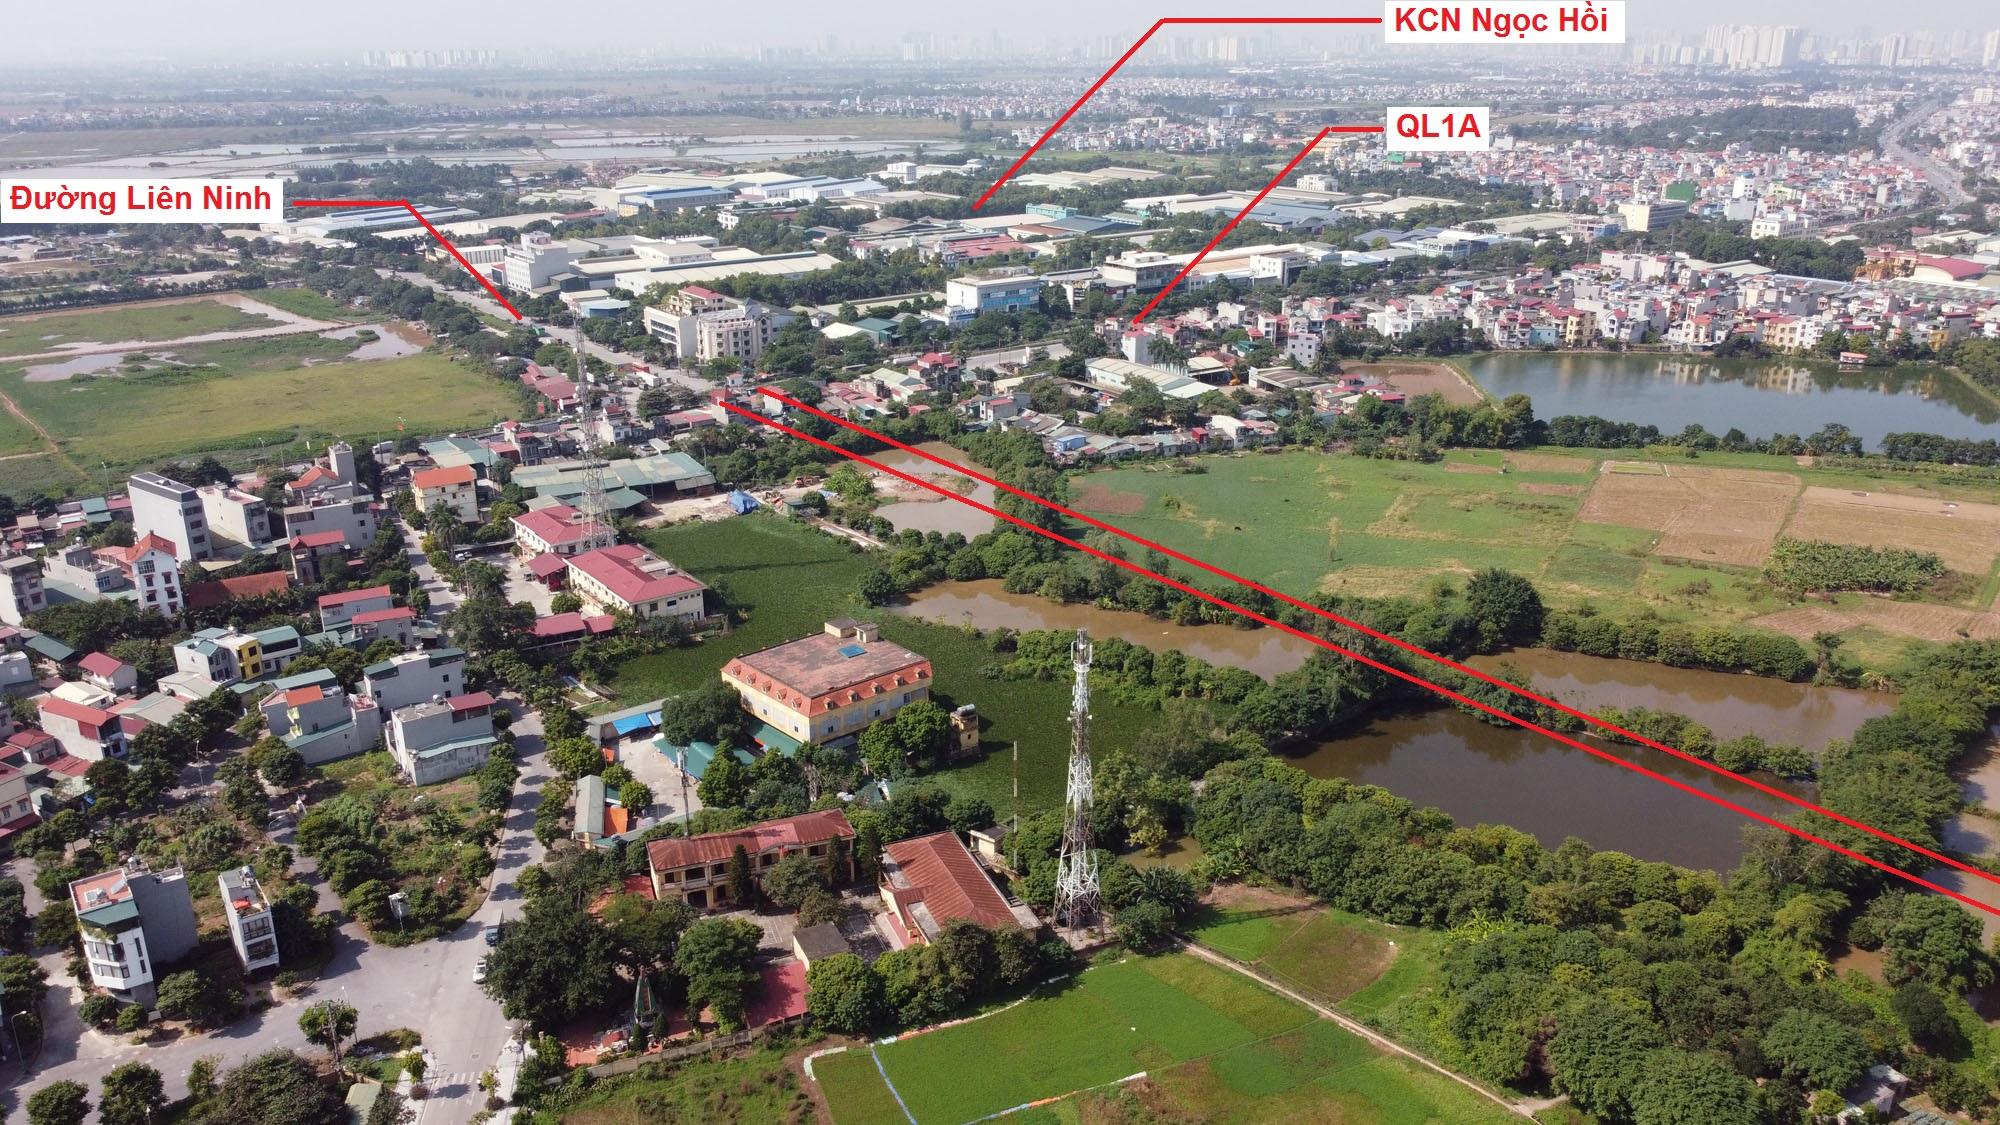 Ba đường sẽ mở theo quy hoạch ở xã Liên Ninh, Thanh Trì, Hà Nội - Ảnh 3.